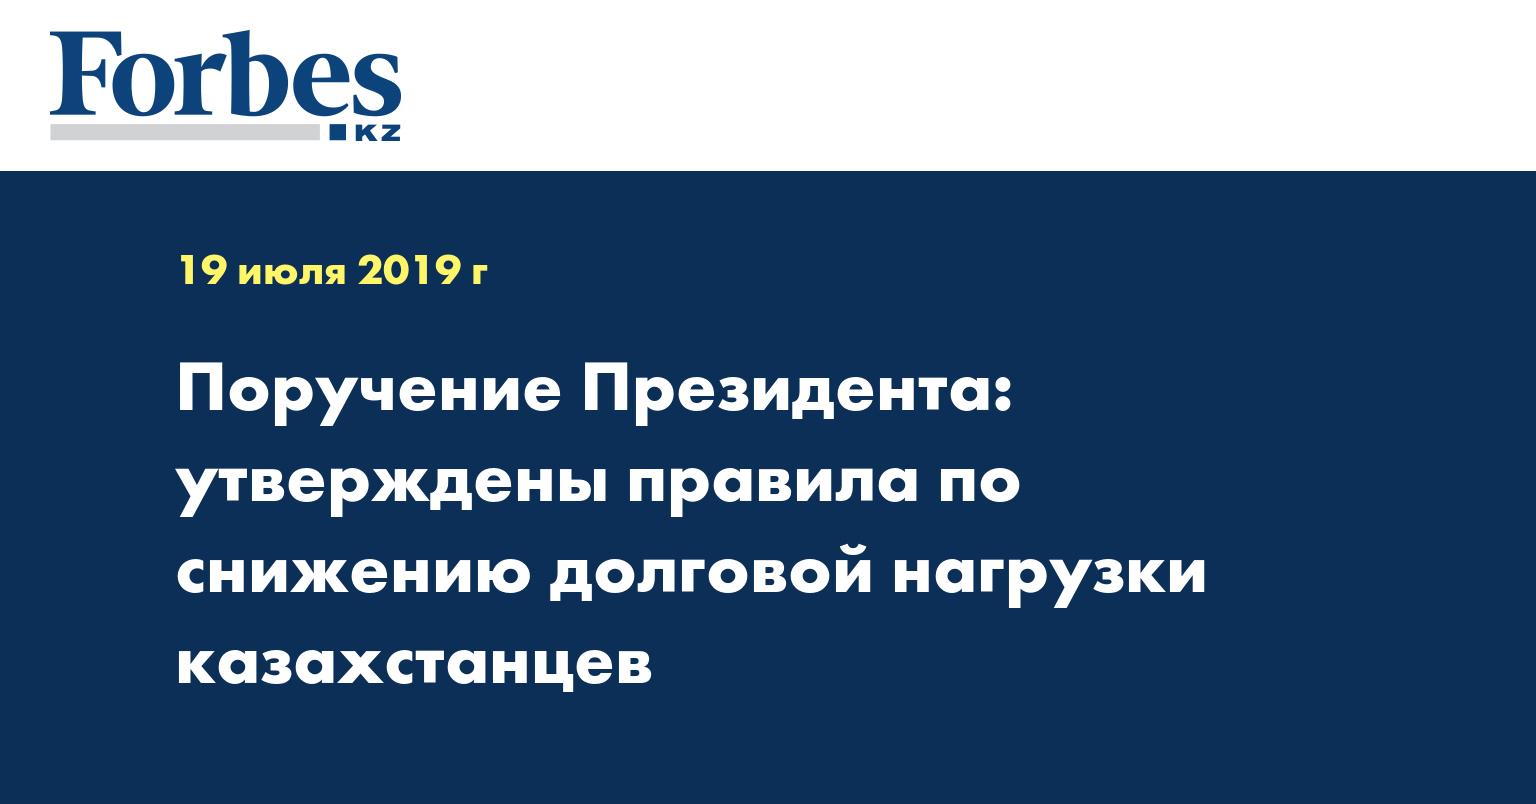 Поручение Президента: утверждены правила по снижению долговой нагрузки казахстанцев